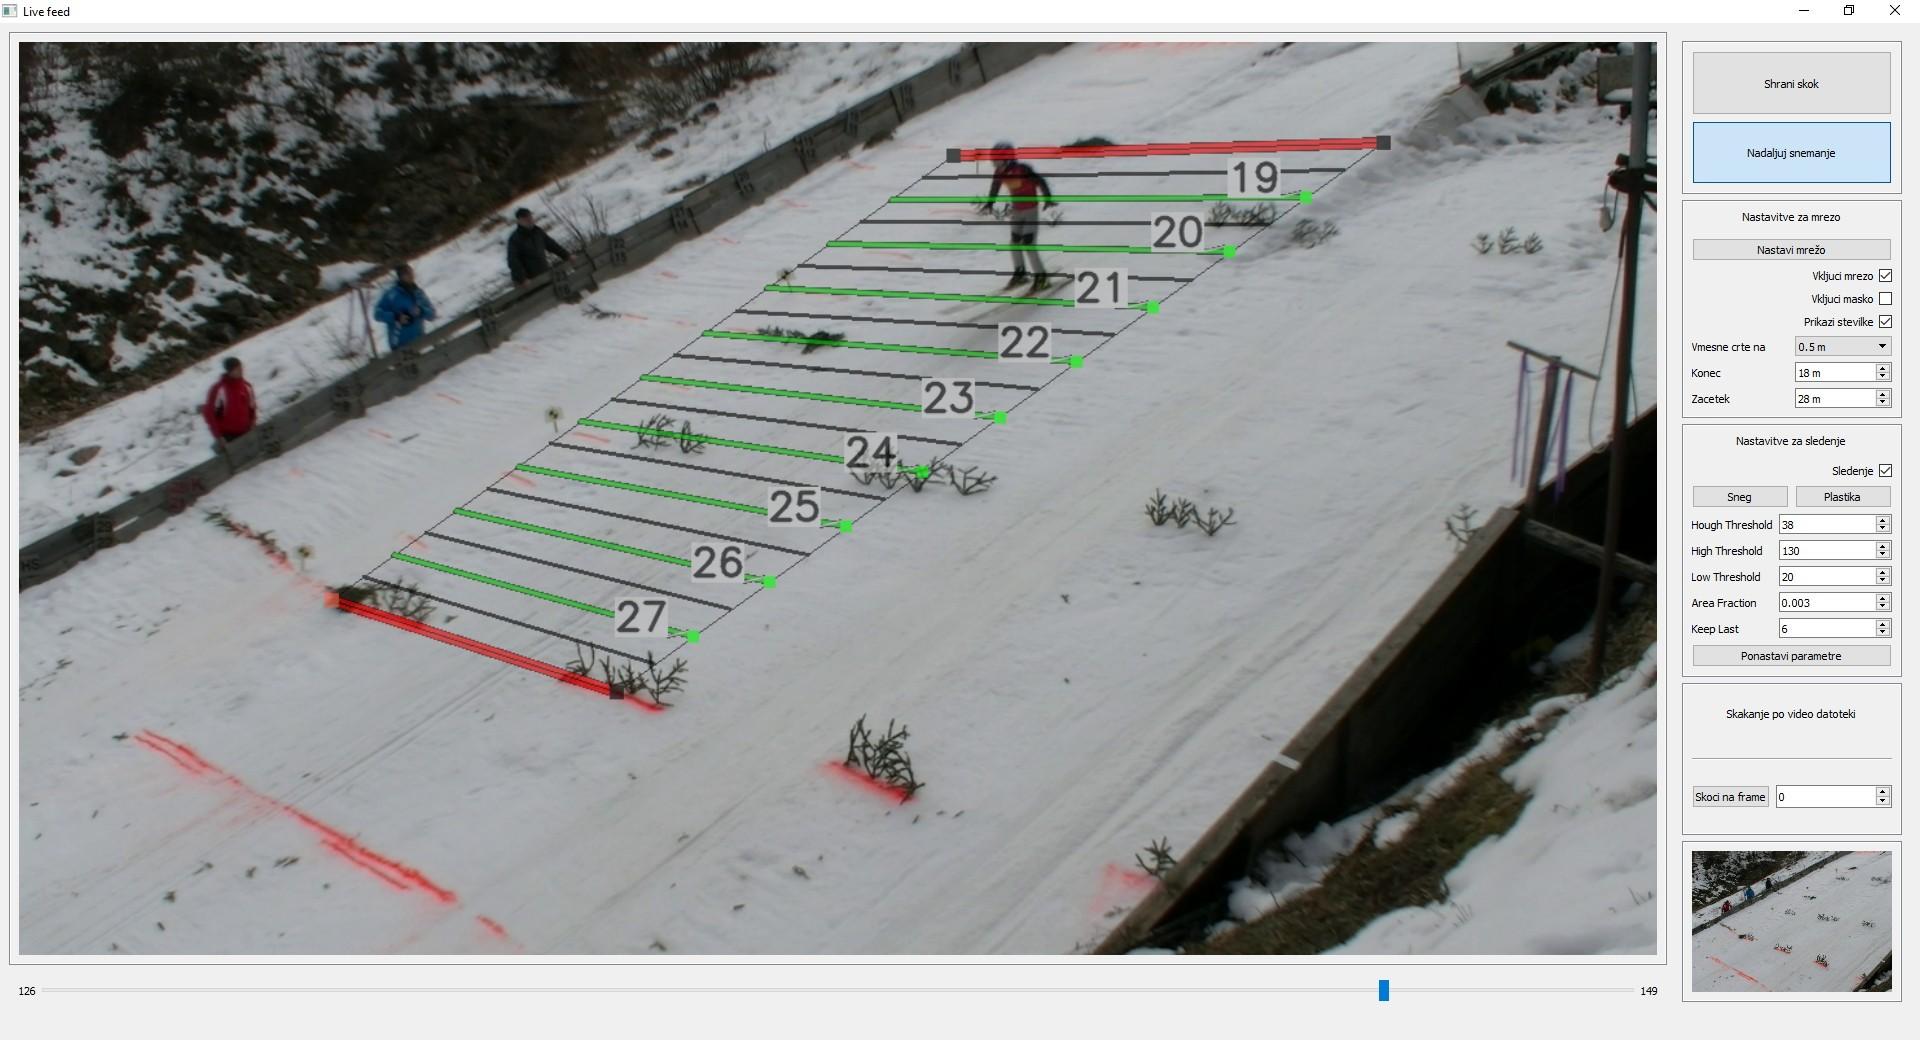 Sistem merjenja dolžine smučarskih skokov